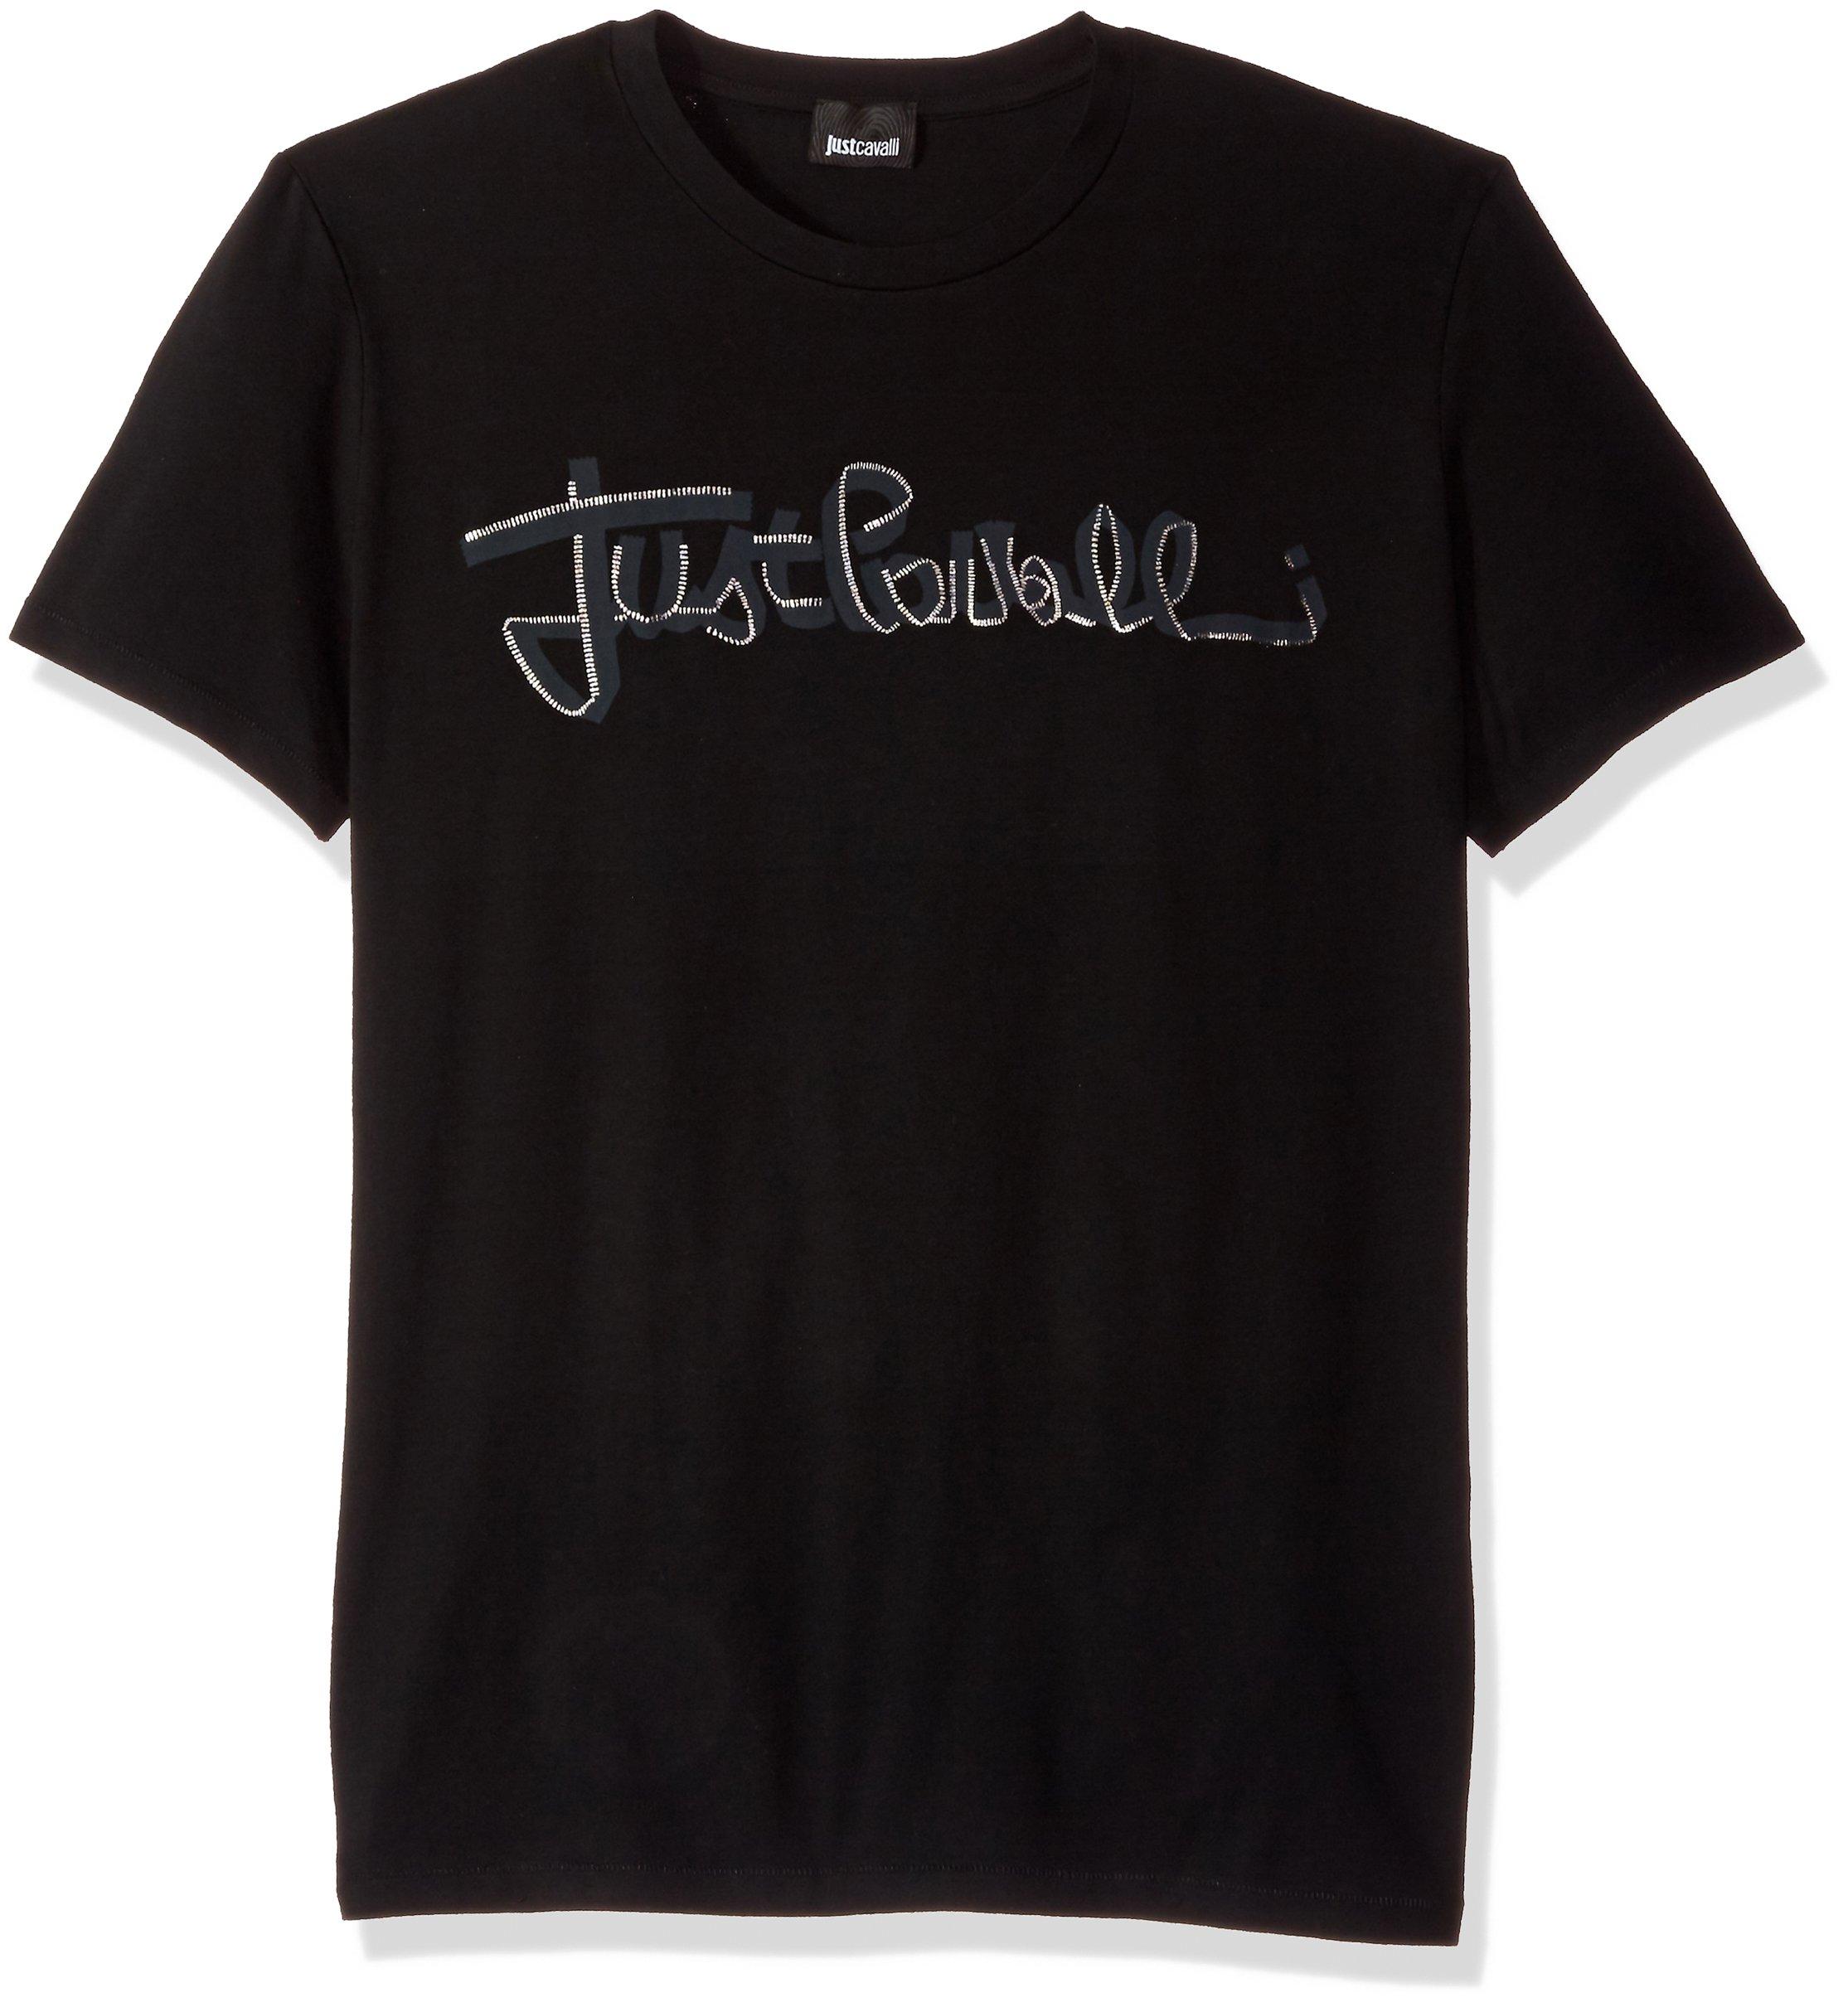 Just Cavalli Men's Basic Signature Tee, Black, L